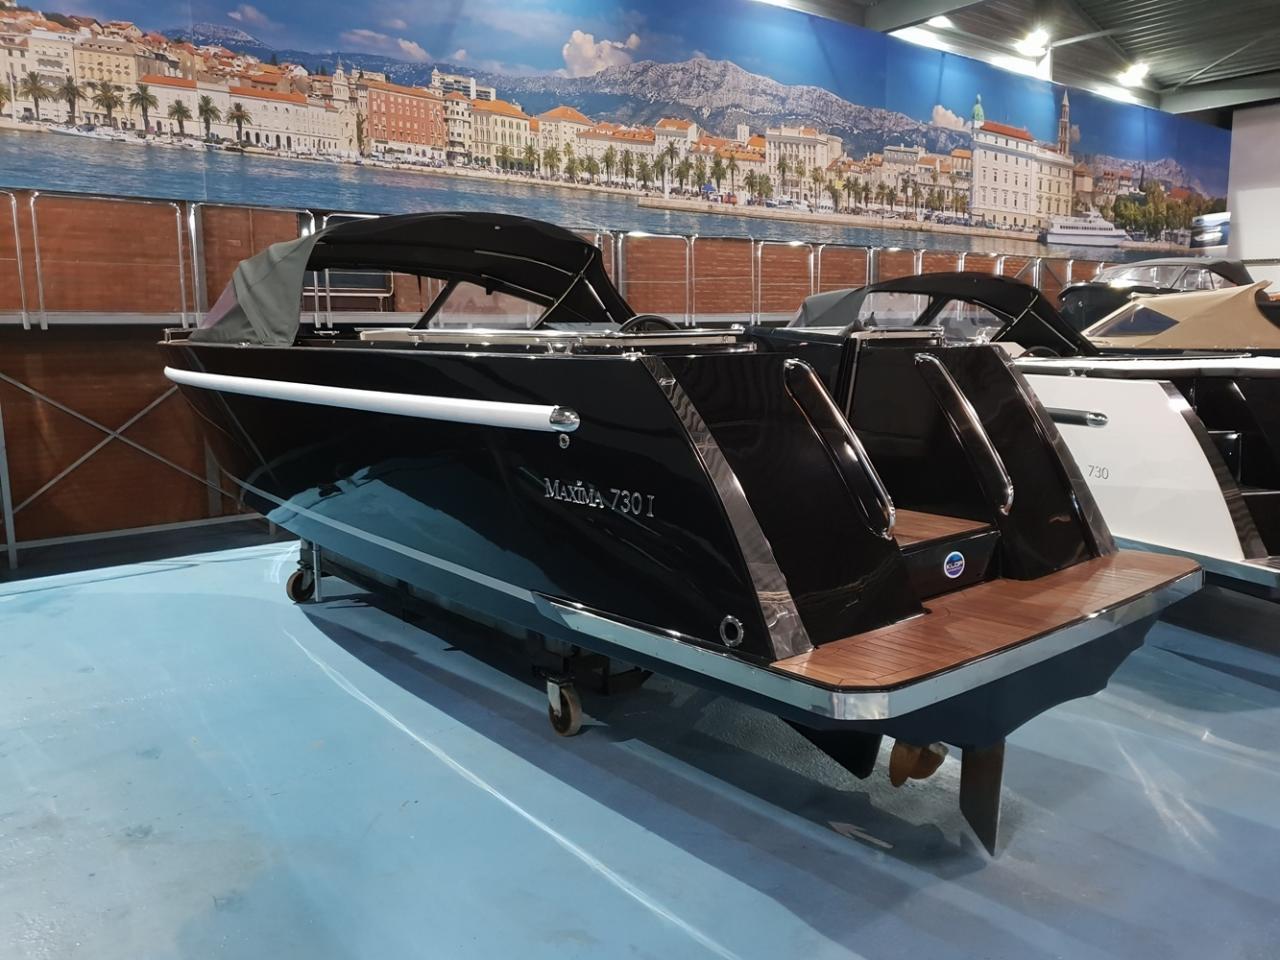 Maxima 730i met Vetus 33 pk diesel op voorraad! 5